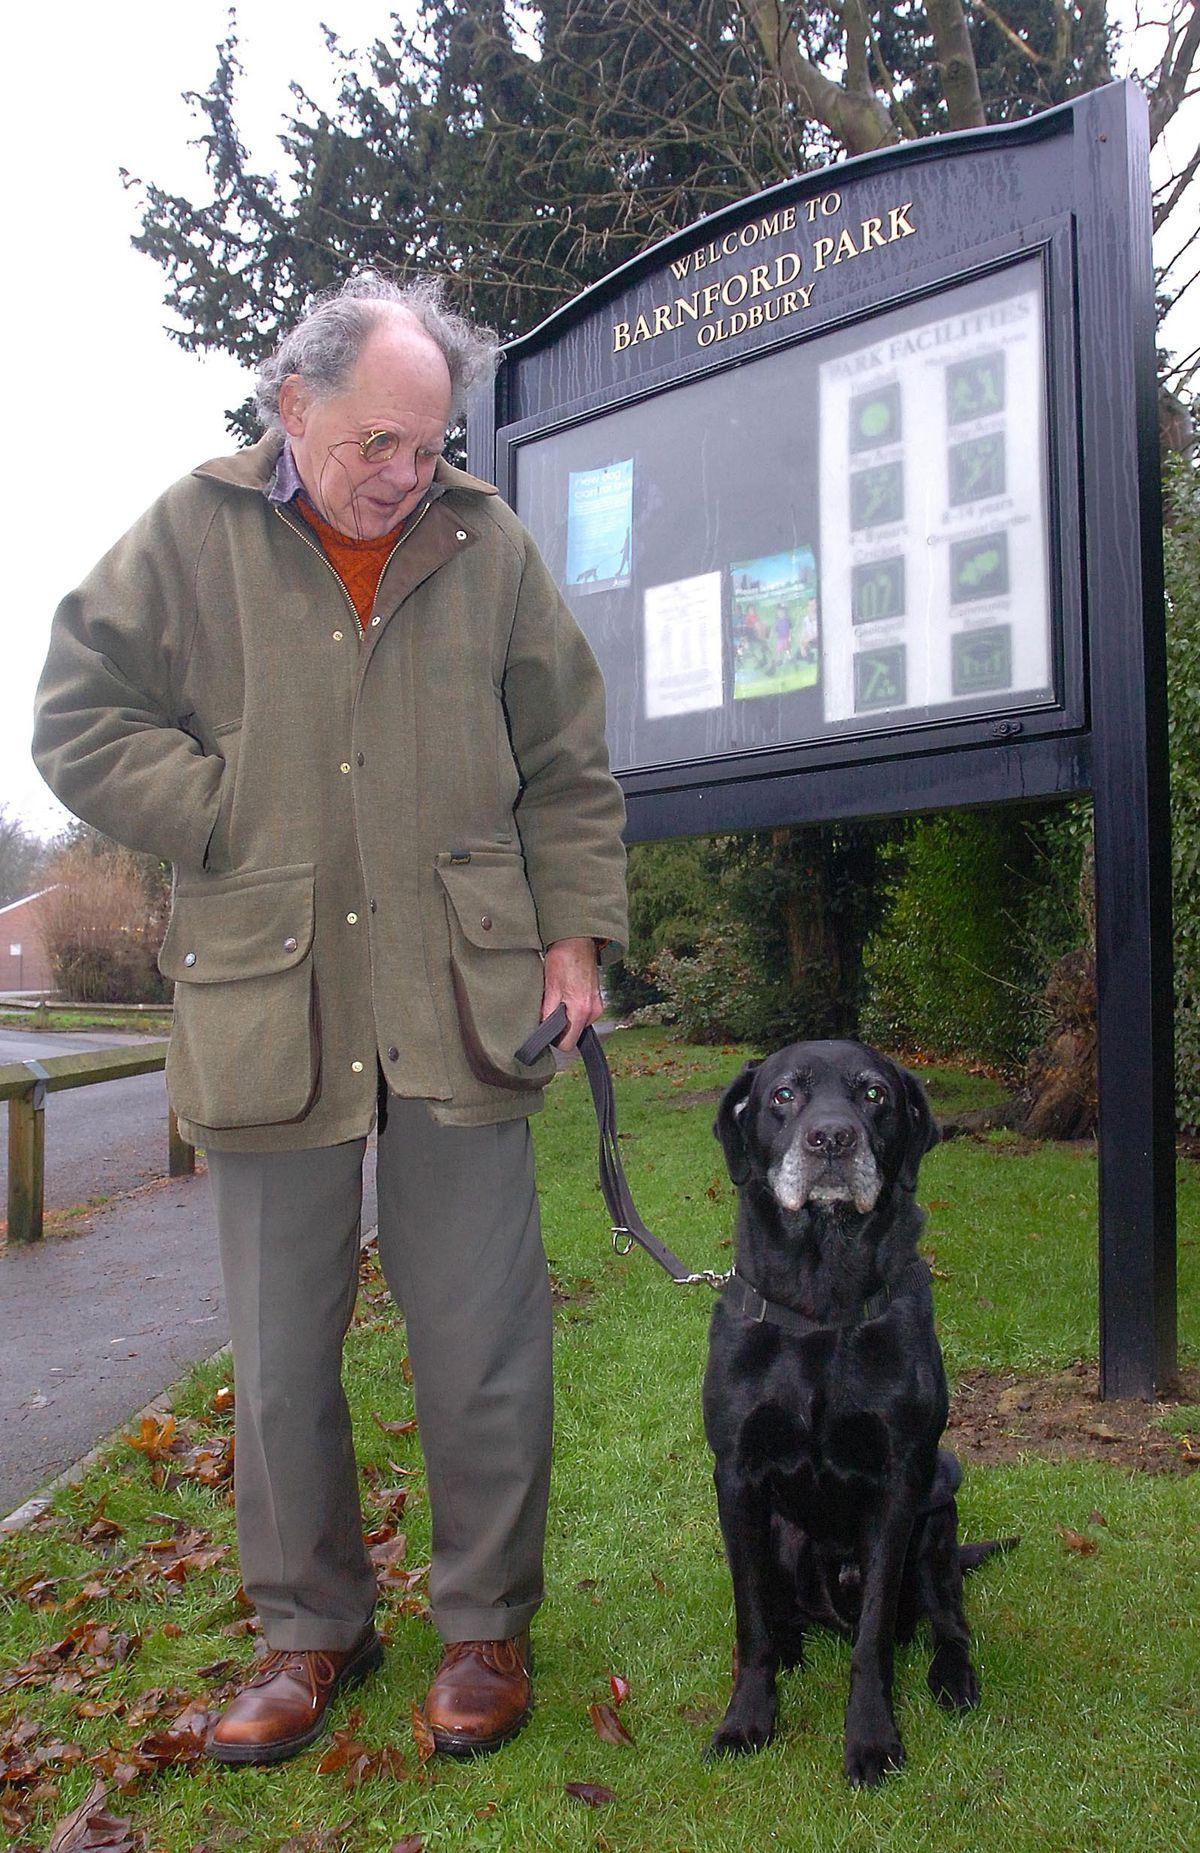 Mr Lloyd with his dog Brewie at Barnford Park, Oldbury, in 2008